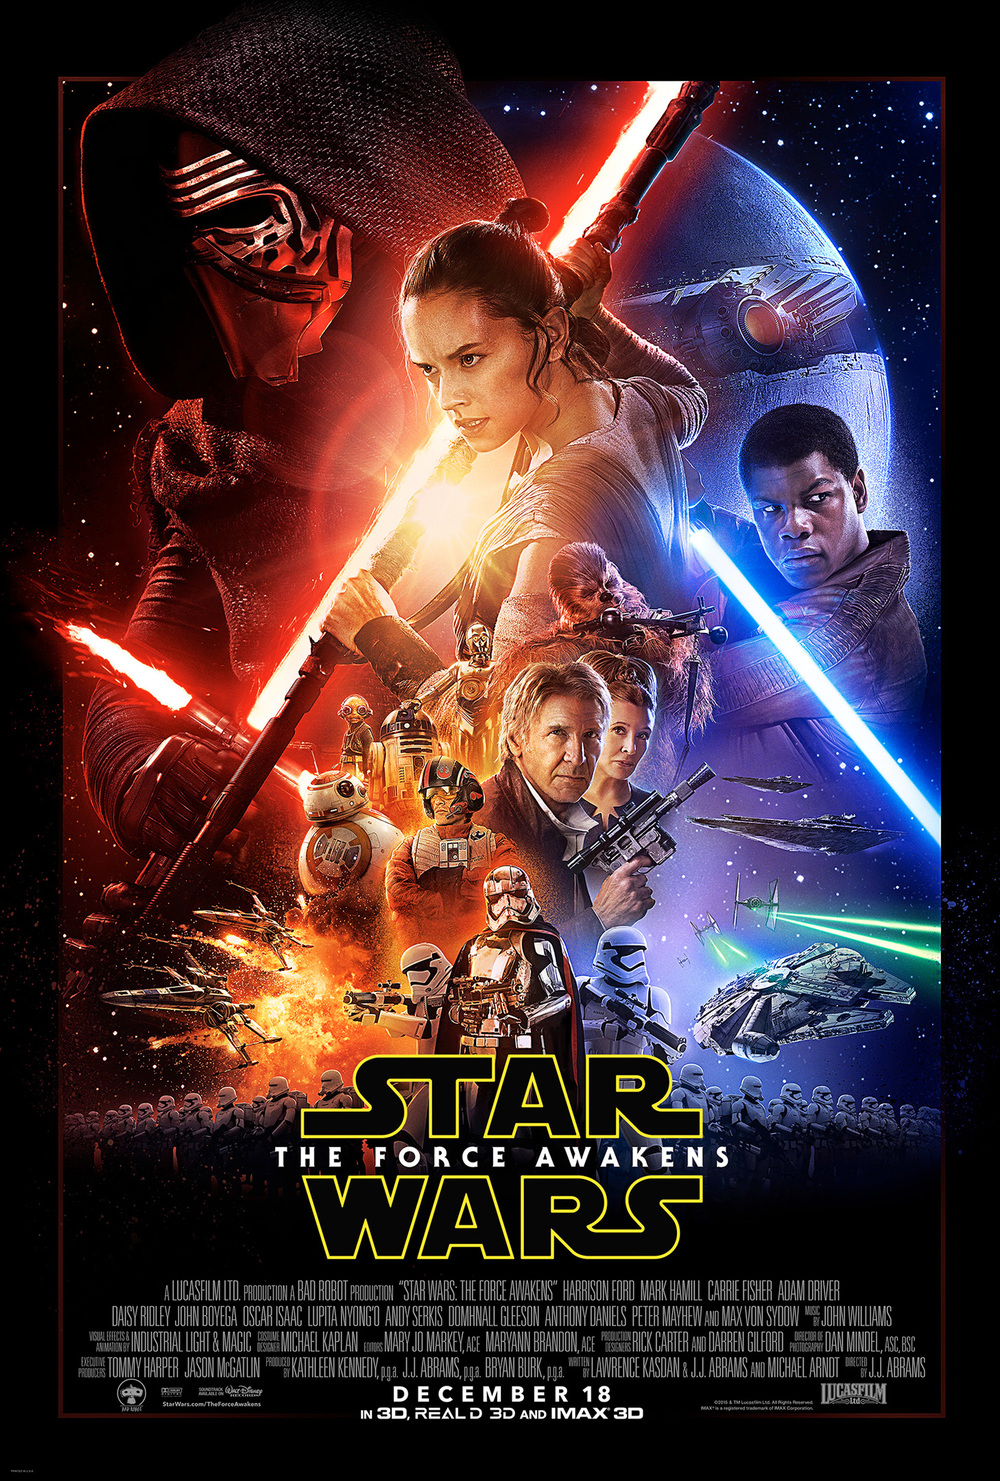 Where in the galaxy is Luke Skywalker?